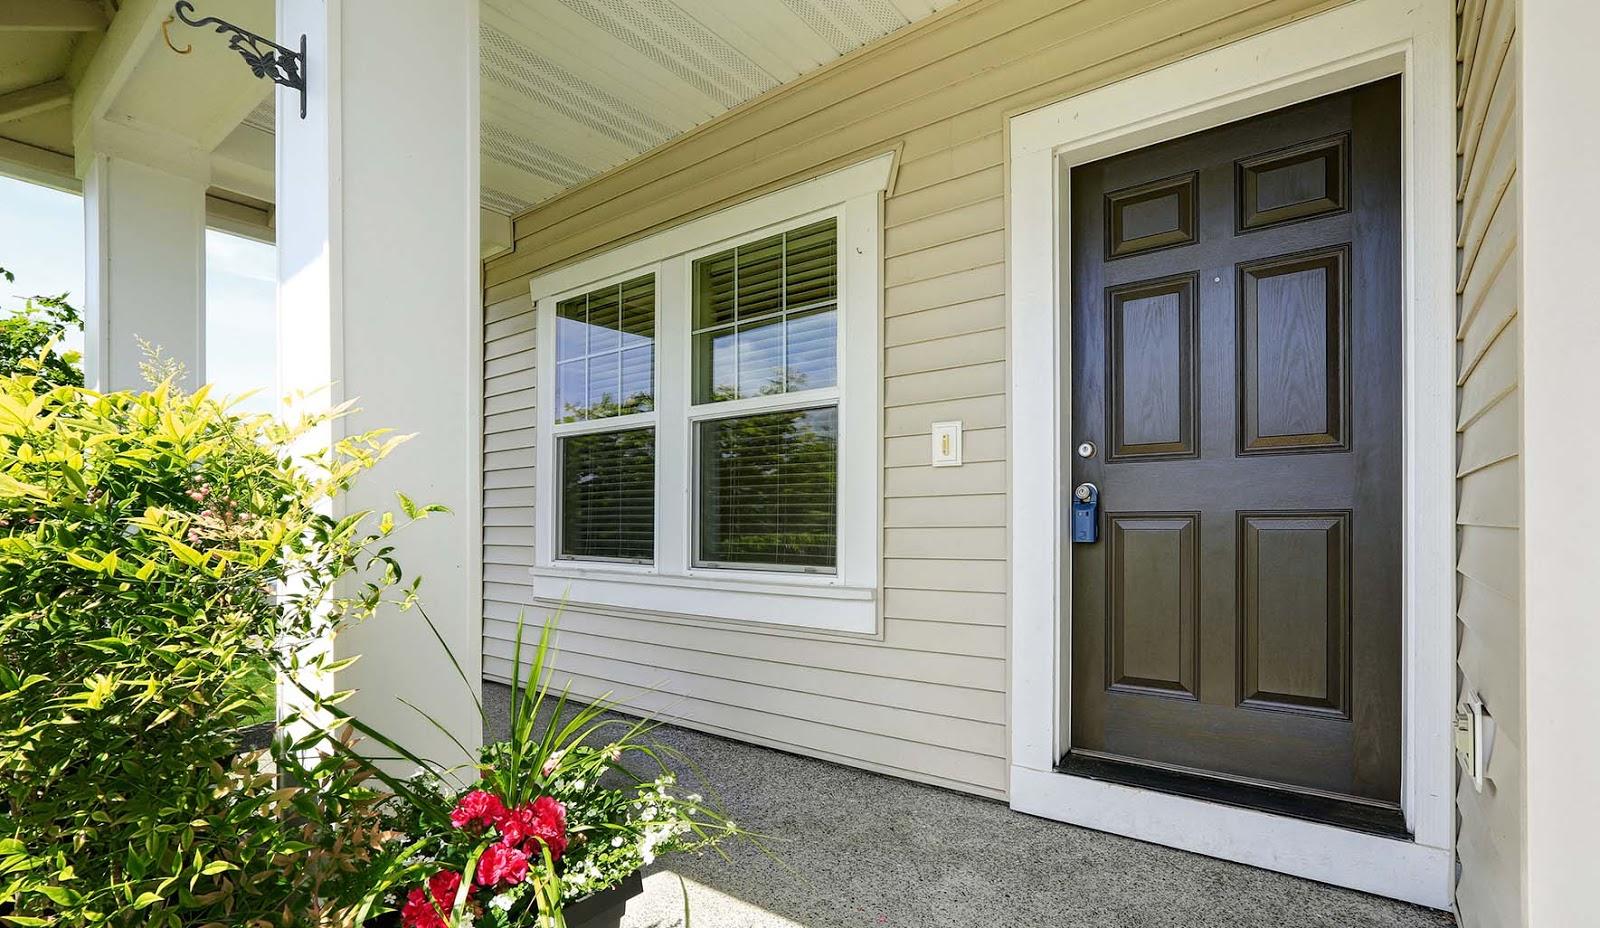 Private Home Loan